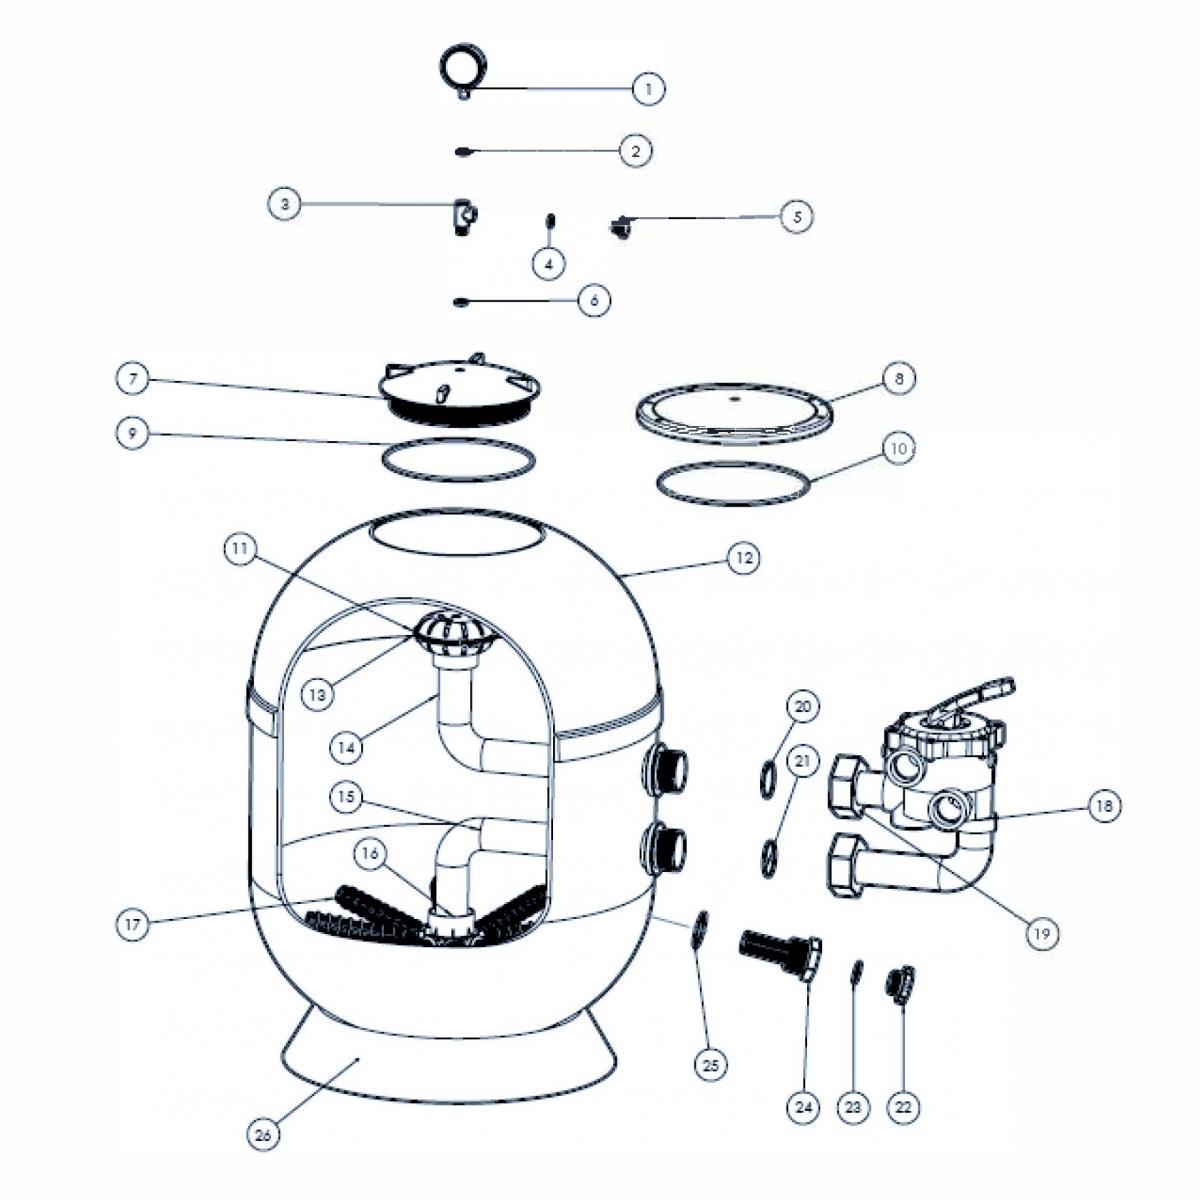 Entleerungsset für VIENNA II Filter Entleerungsset für VIENNA II Filter